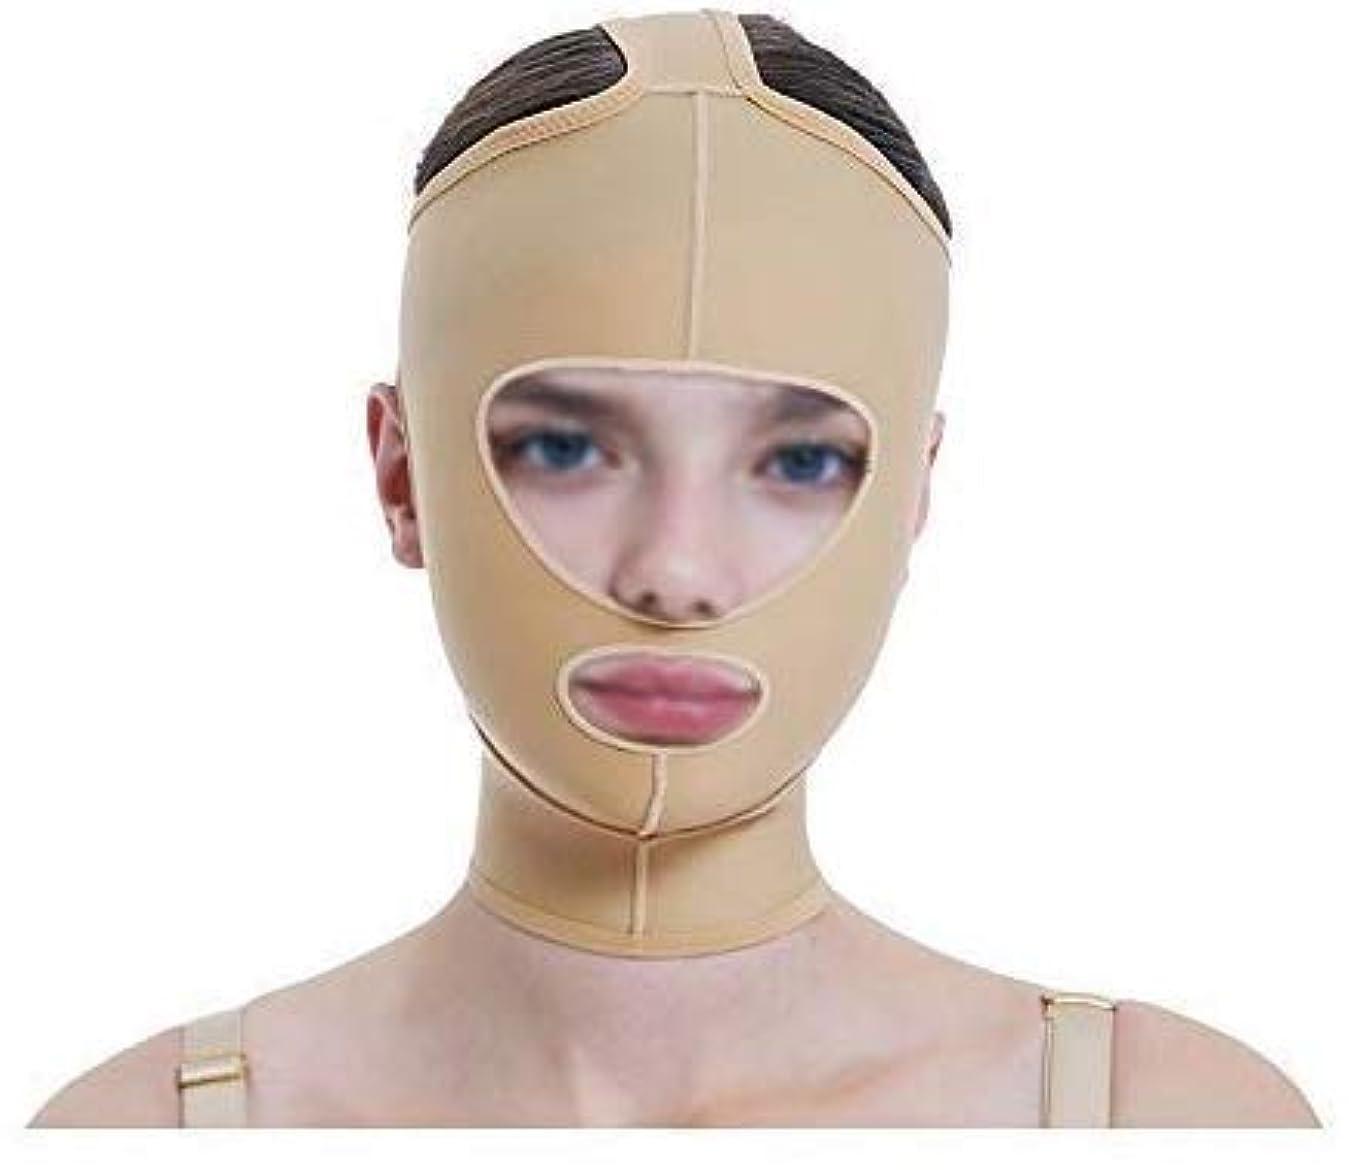 信者炭水化物不適美しさと実用的な顔と首のリフト、減量フェイスマスクフェイスカービングフェイス弾性セット薄いダブルチンアーティファクトVフェイスビームフェイス(サイズ:XS)